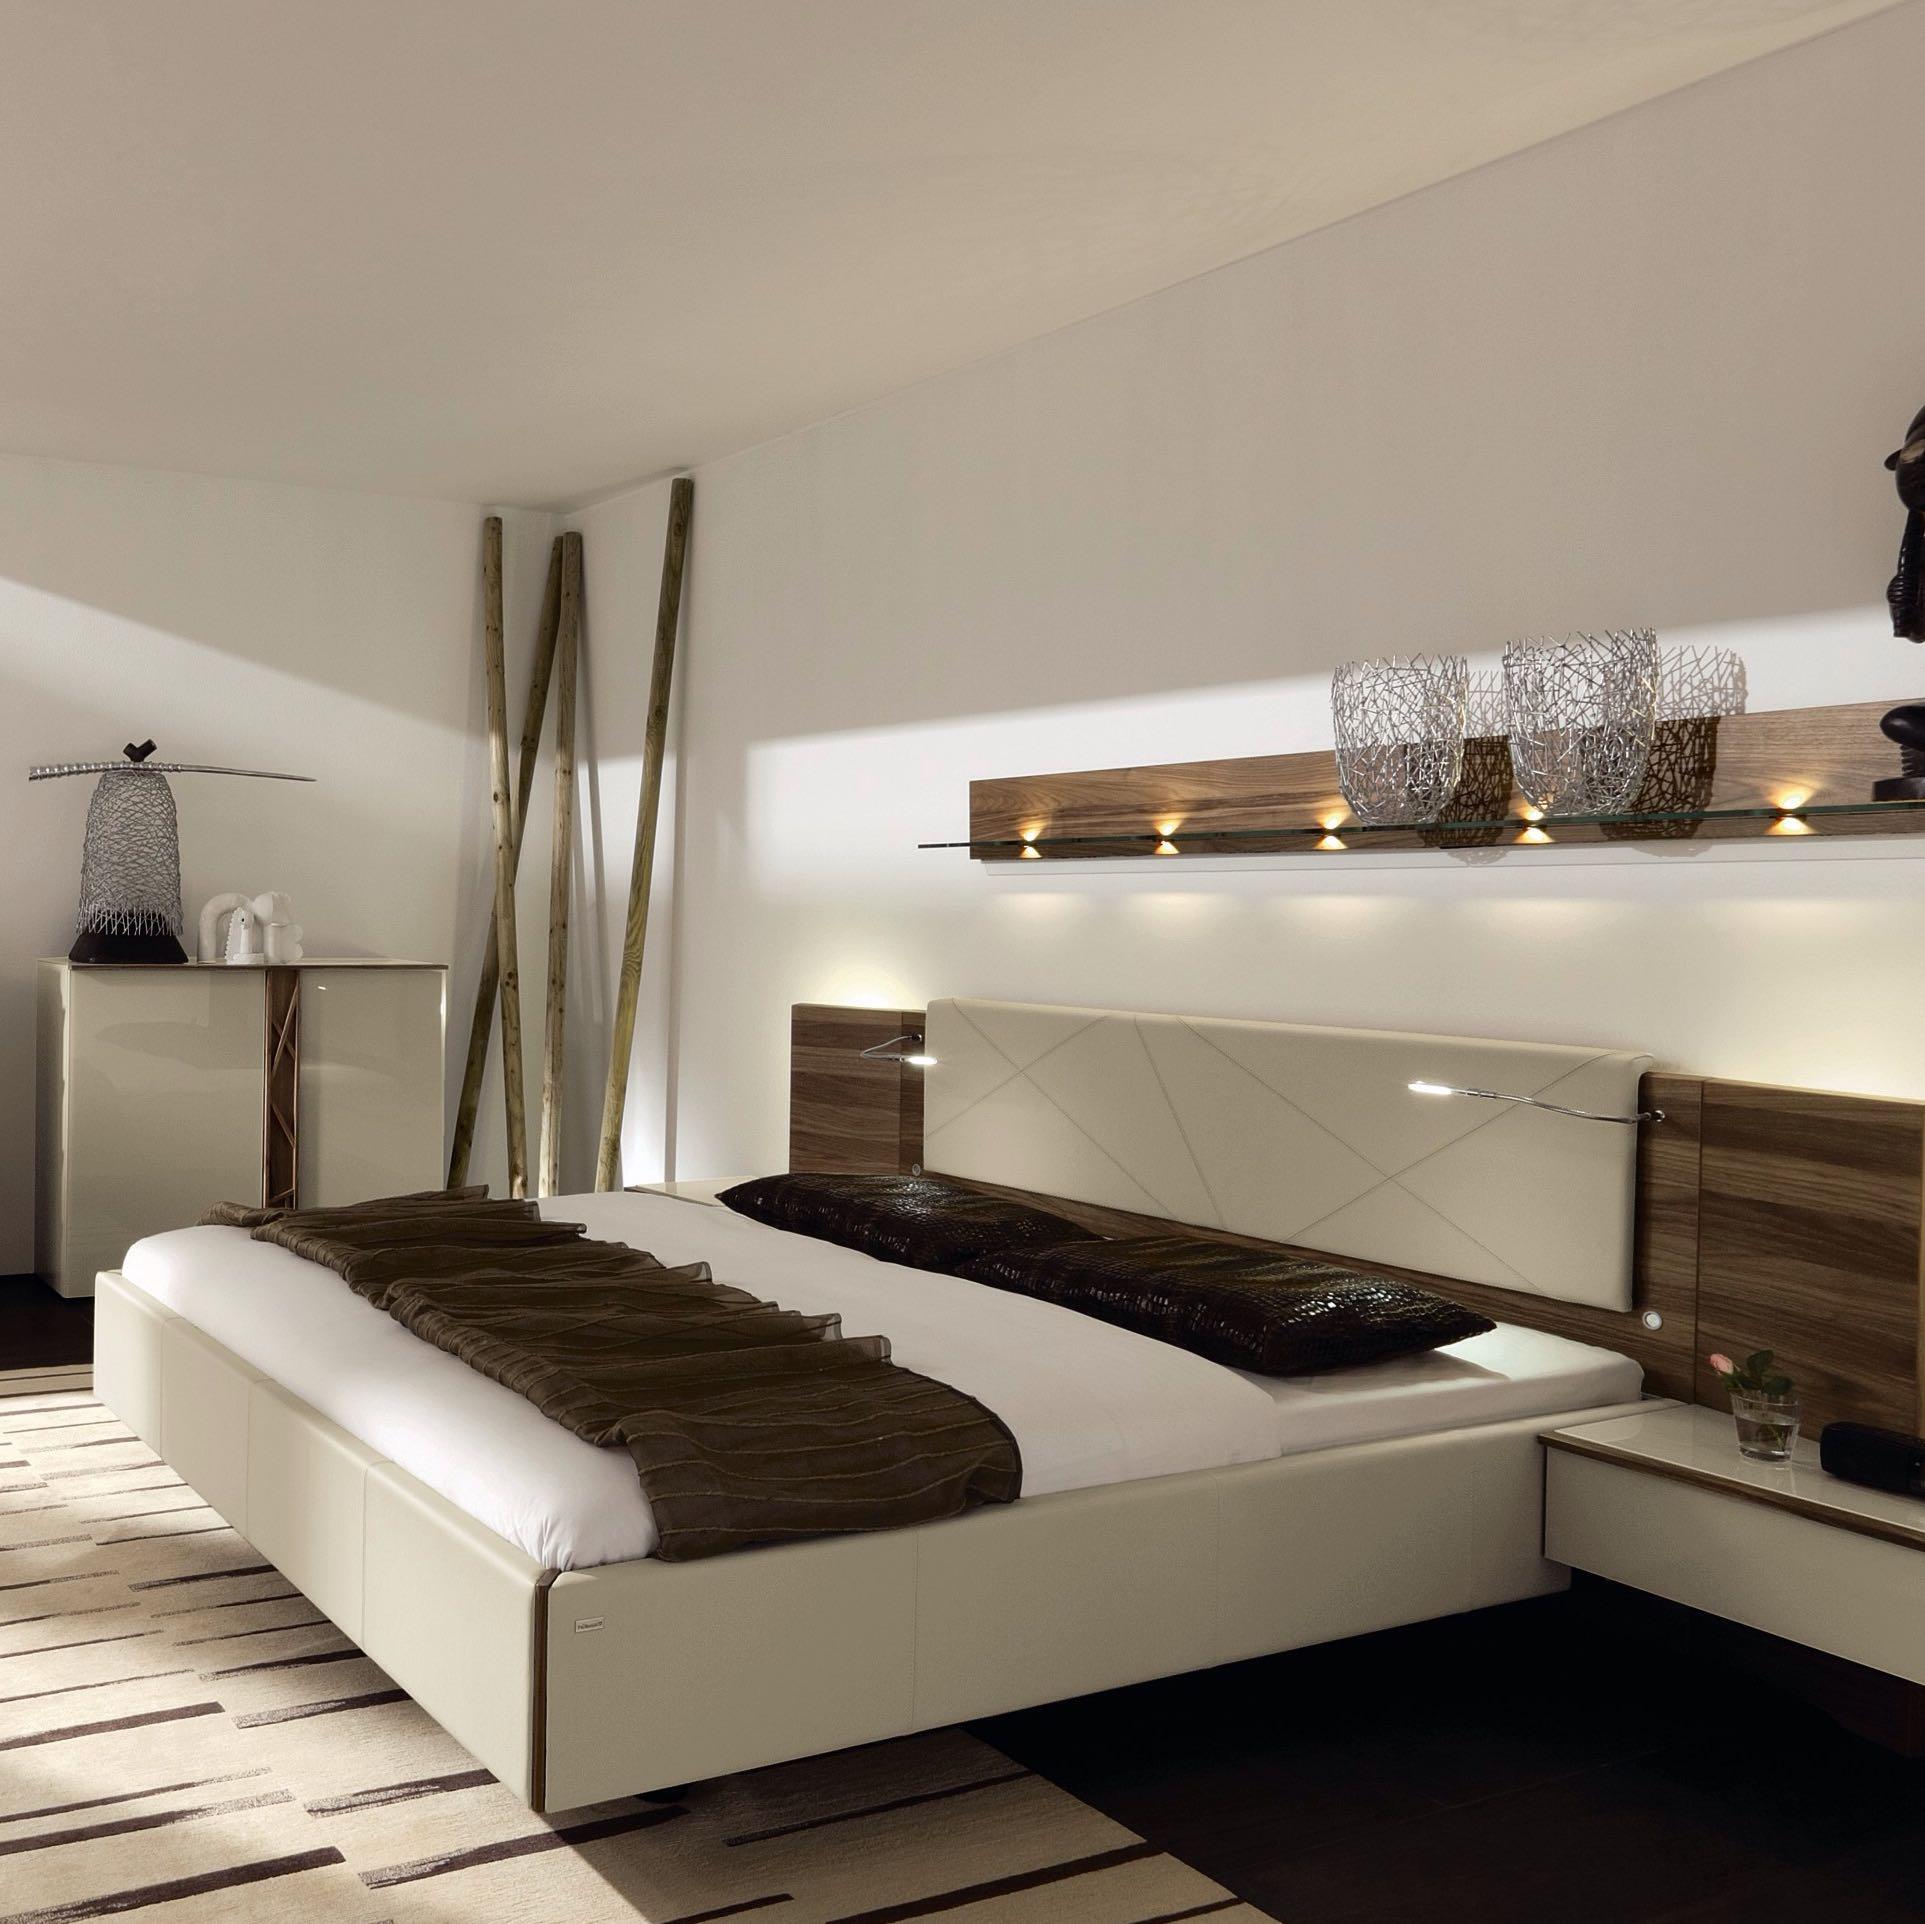 schlafzimmer grau streichen. Black Bedroom Furniture Sets. Home Design Ideas